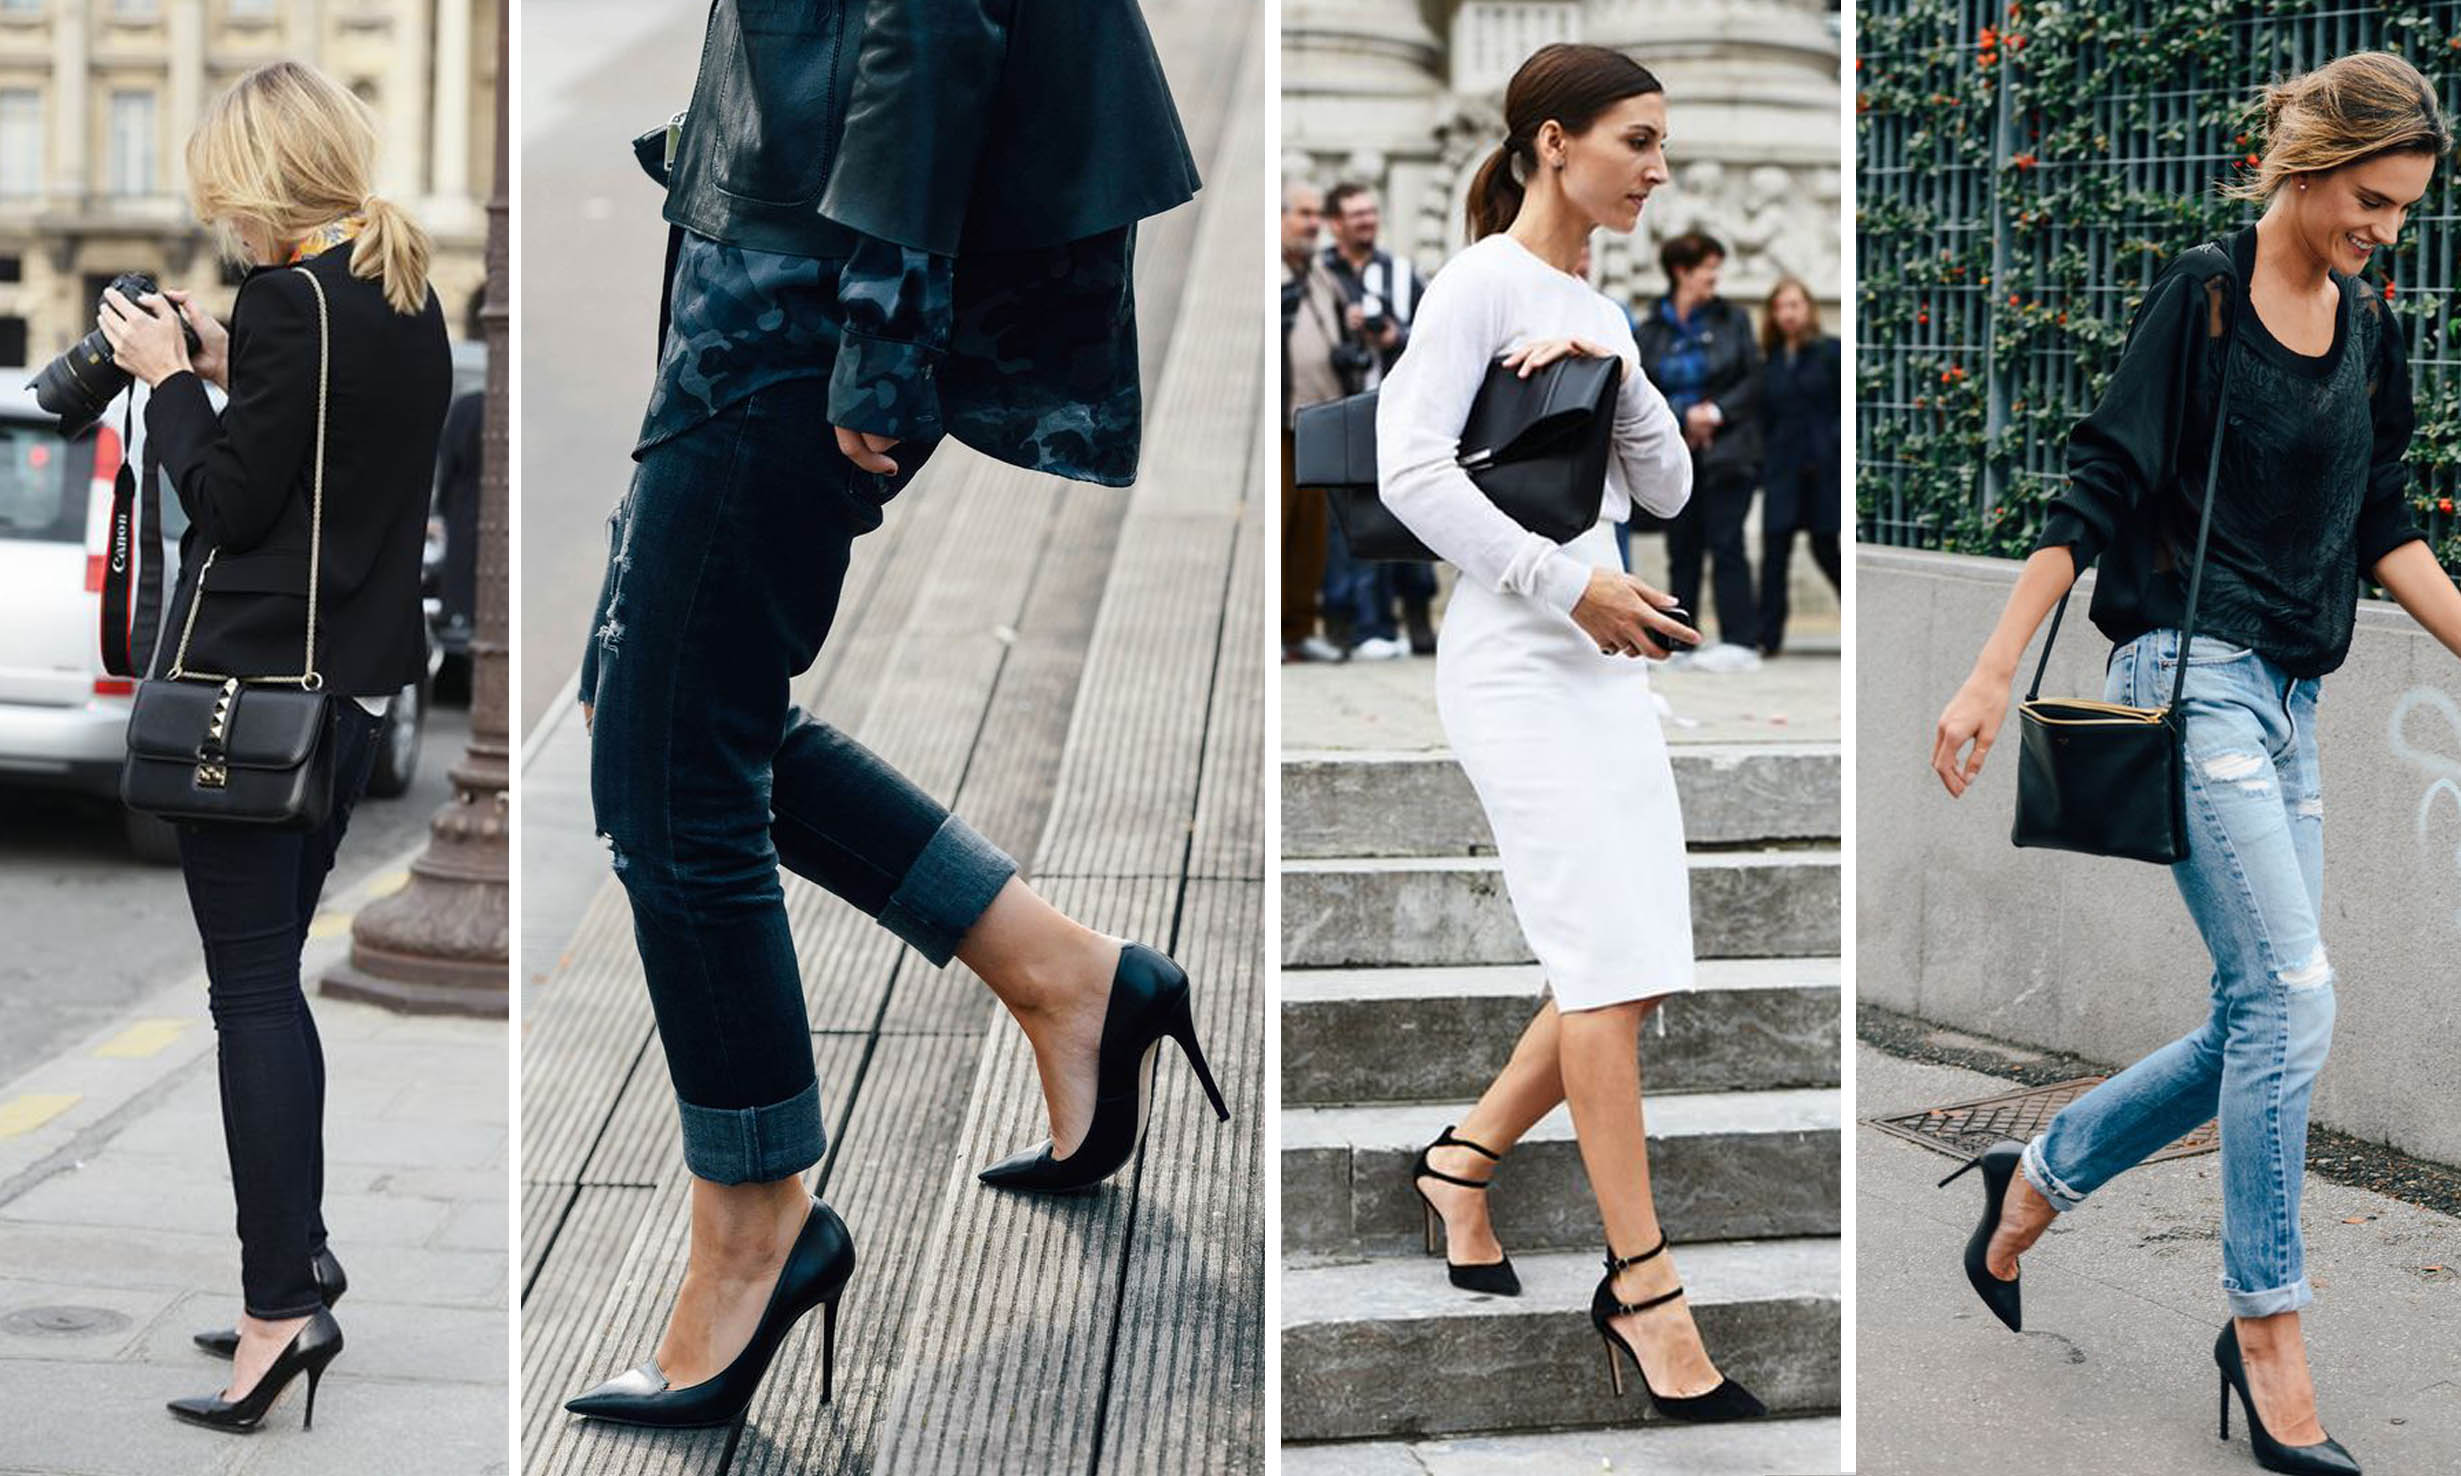 Meski Era Berganti, Inilah Tren Fashion yang Tak Pernah Kehilangan Popularitasnya